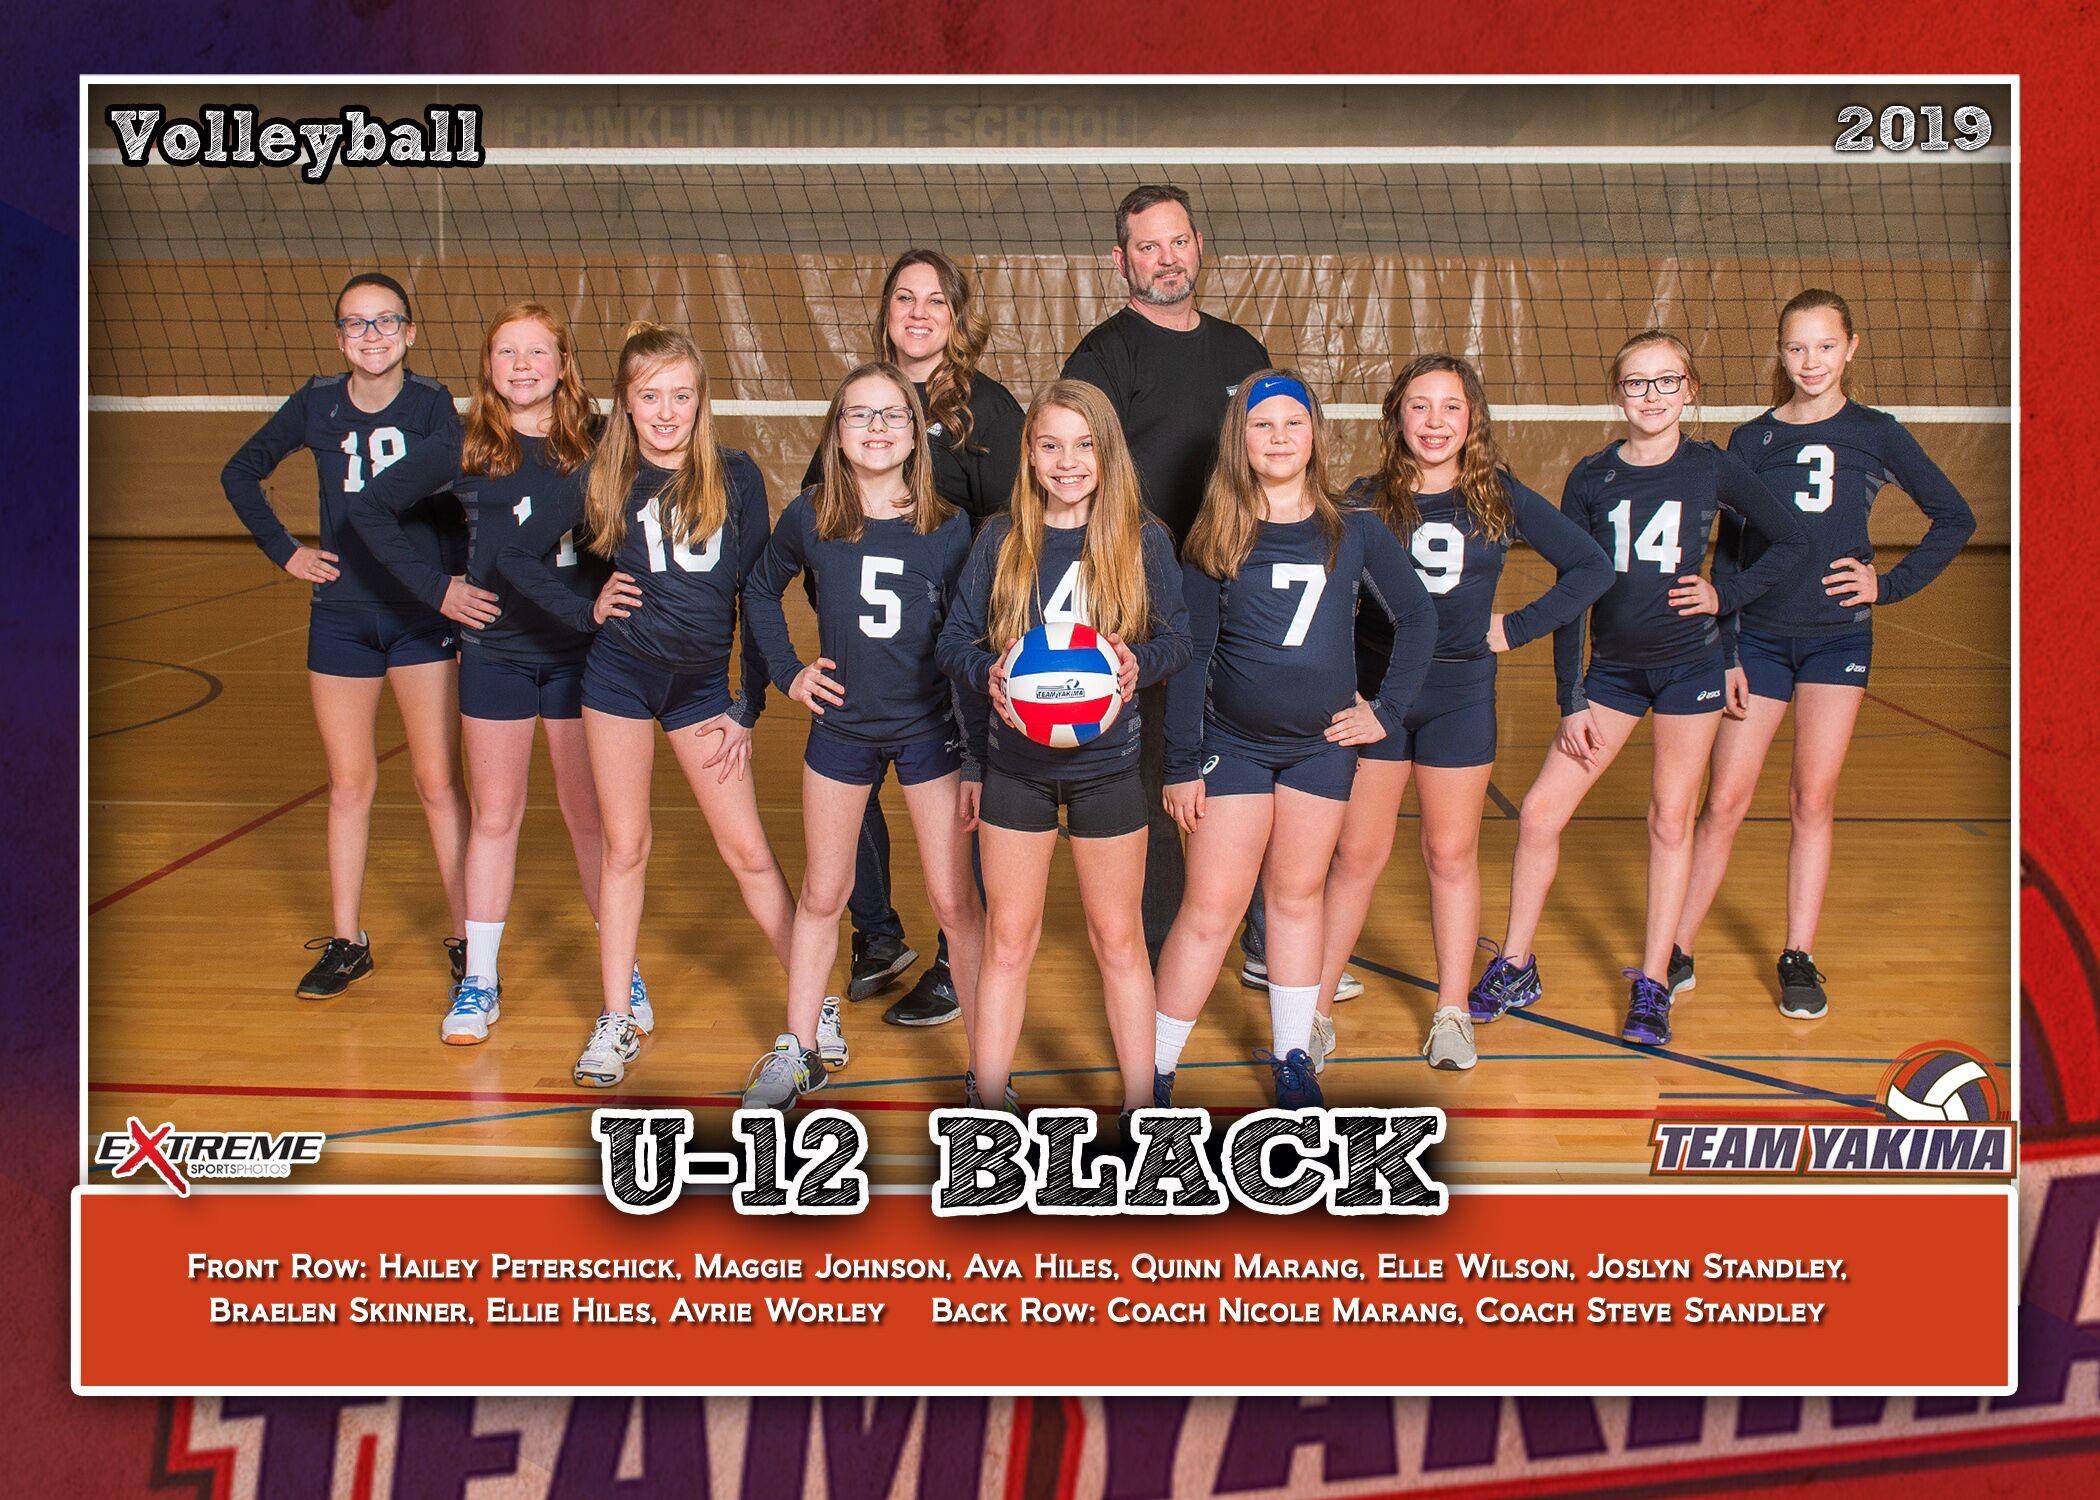 Team Yakima 12-2 Black